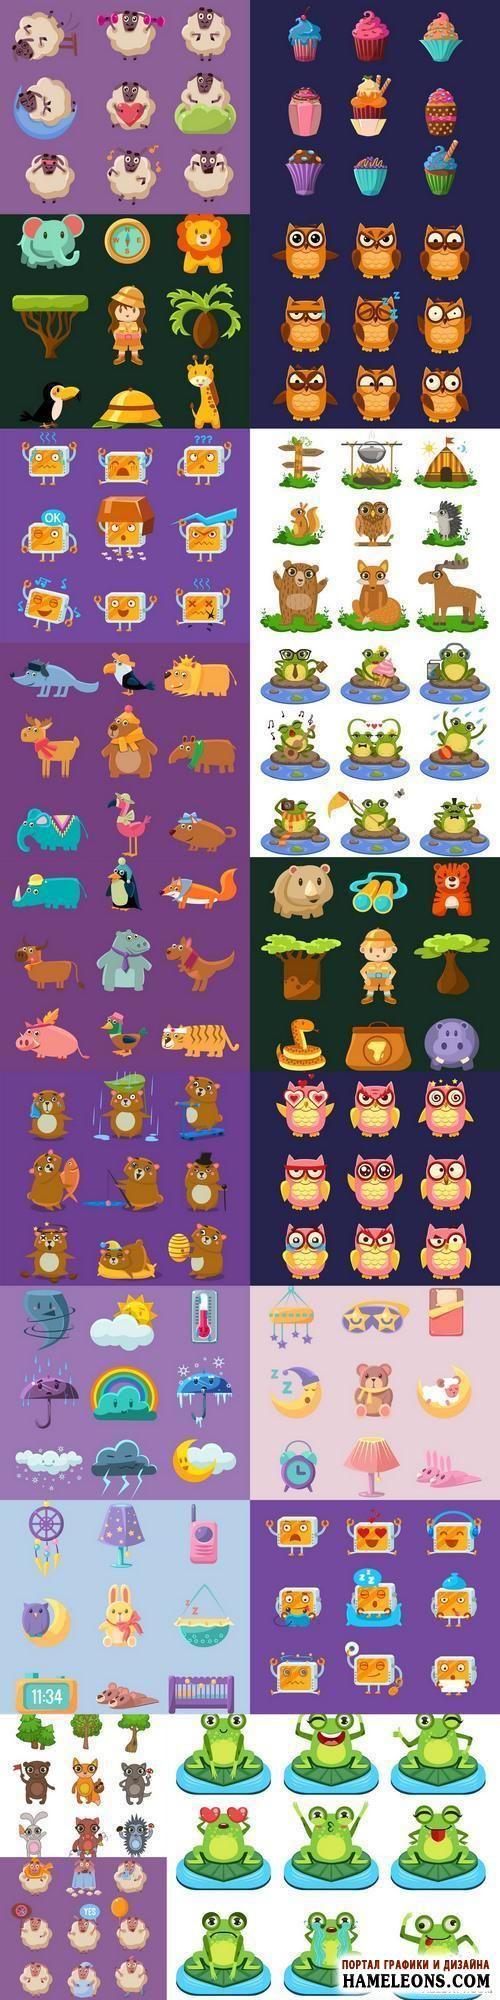 В векторе подборка забавных иконок: животные, кексы, погода, детский сон, путешествия | Funny Character Set